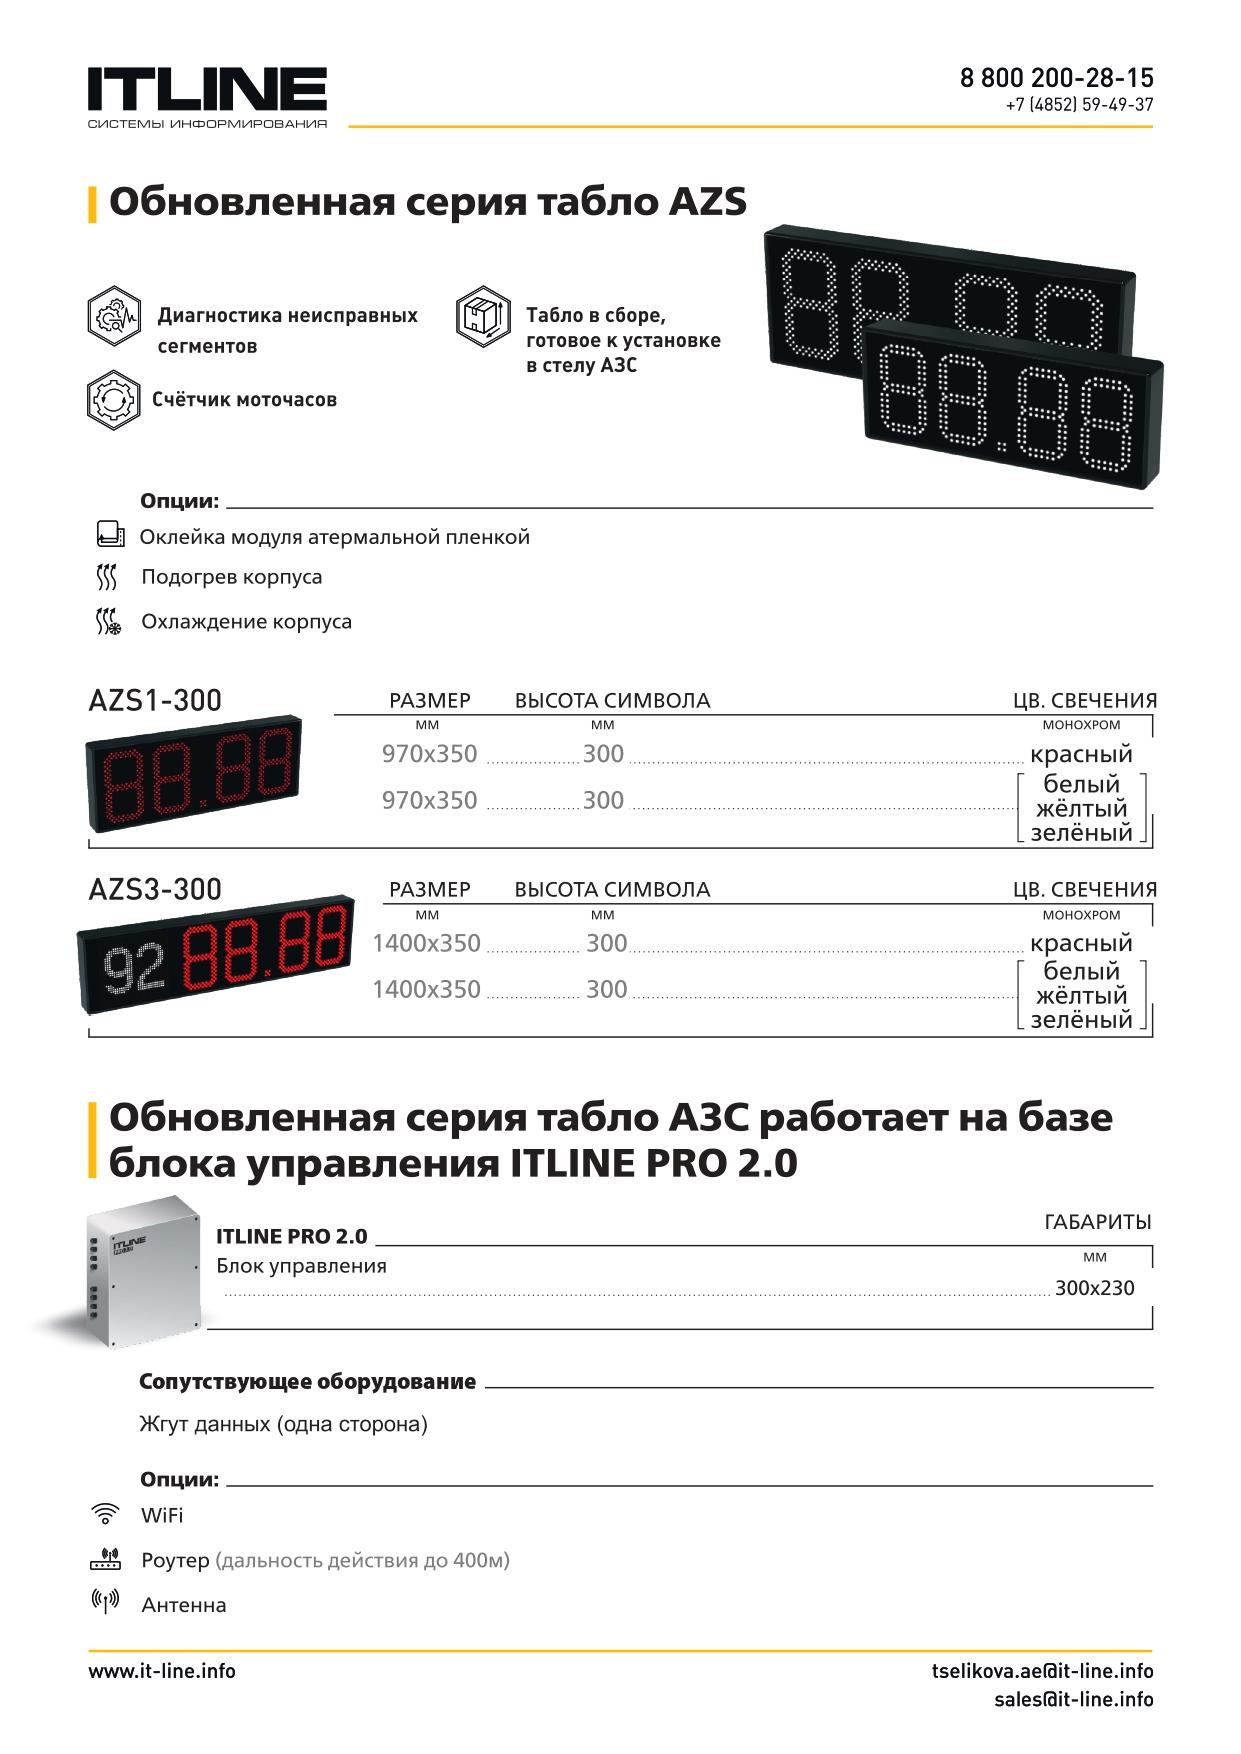 5e21b341e54b1.jpg